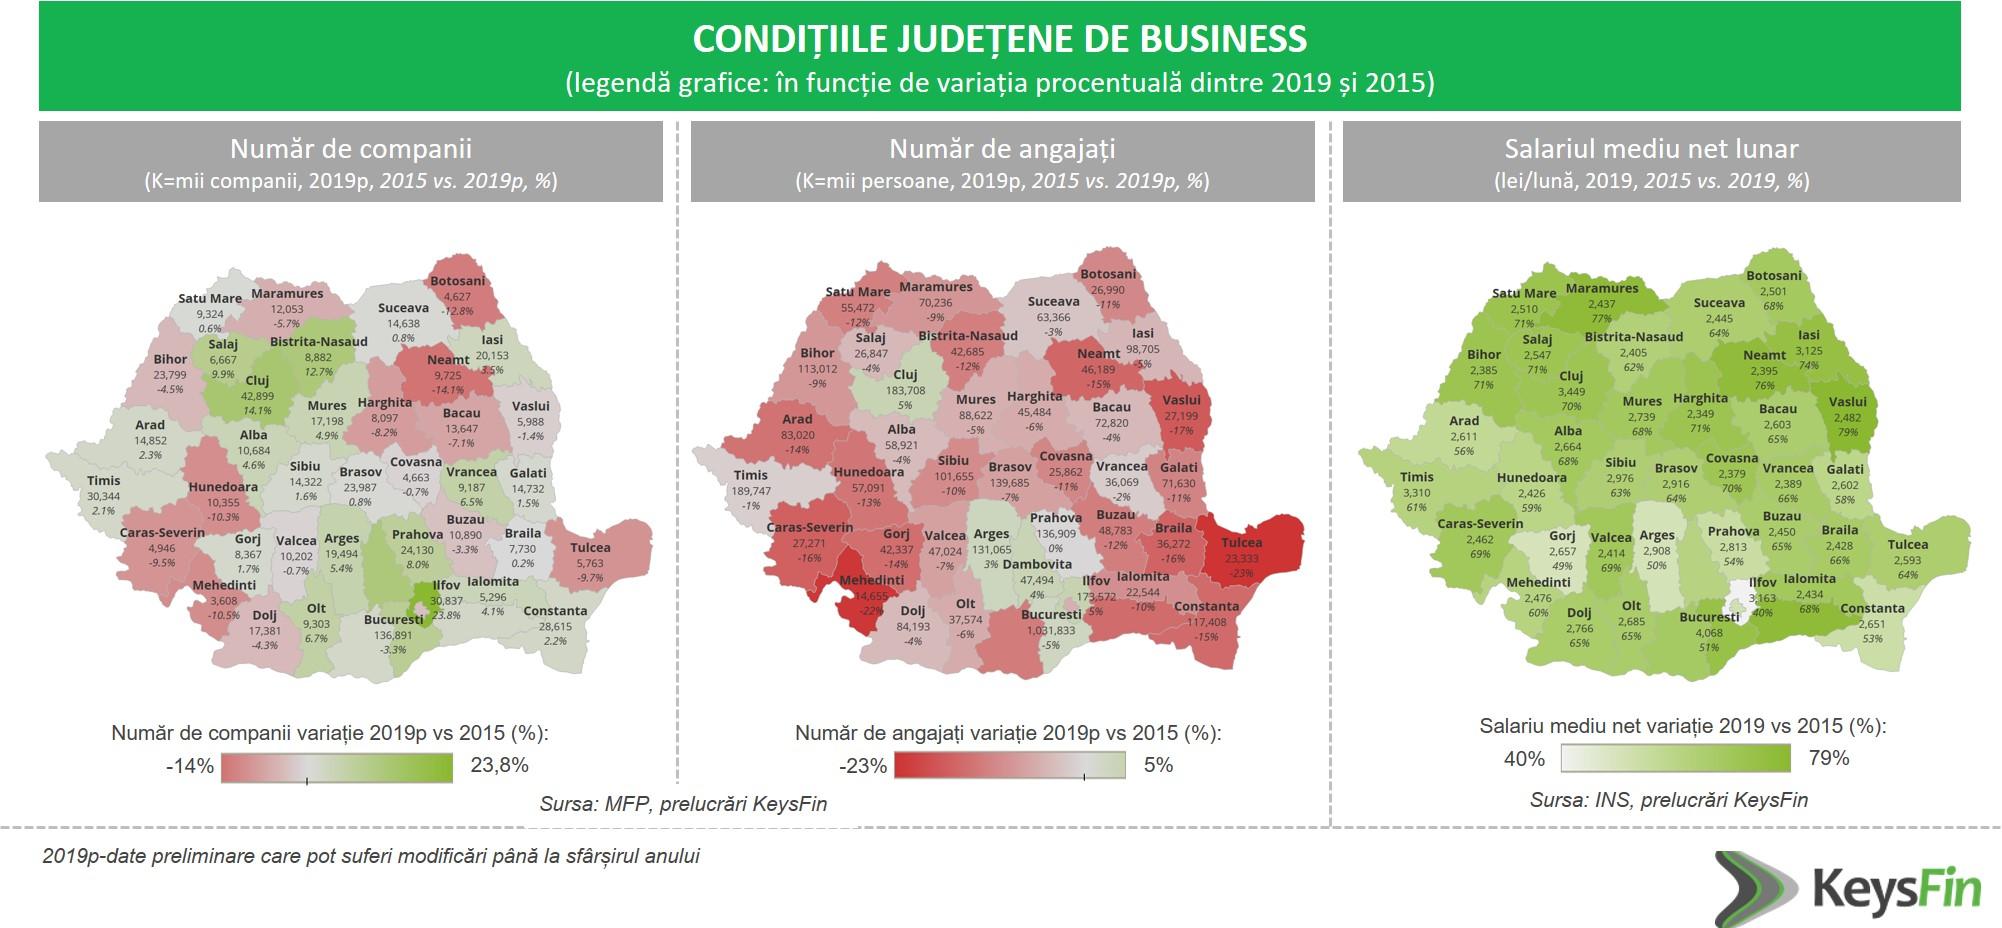 Analiza KeysFin: conditii judetene de business in Romania